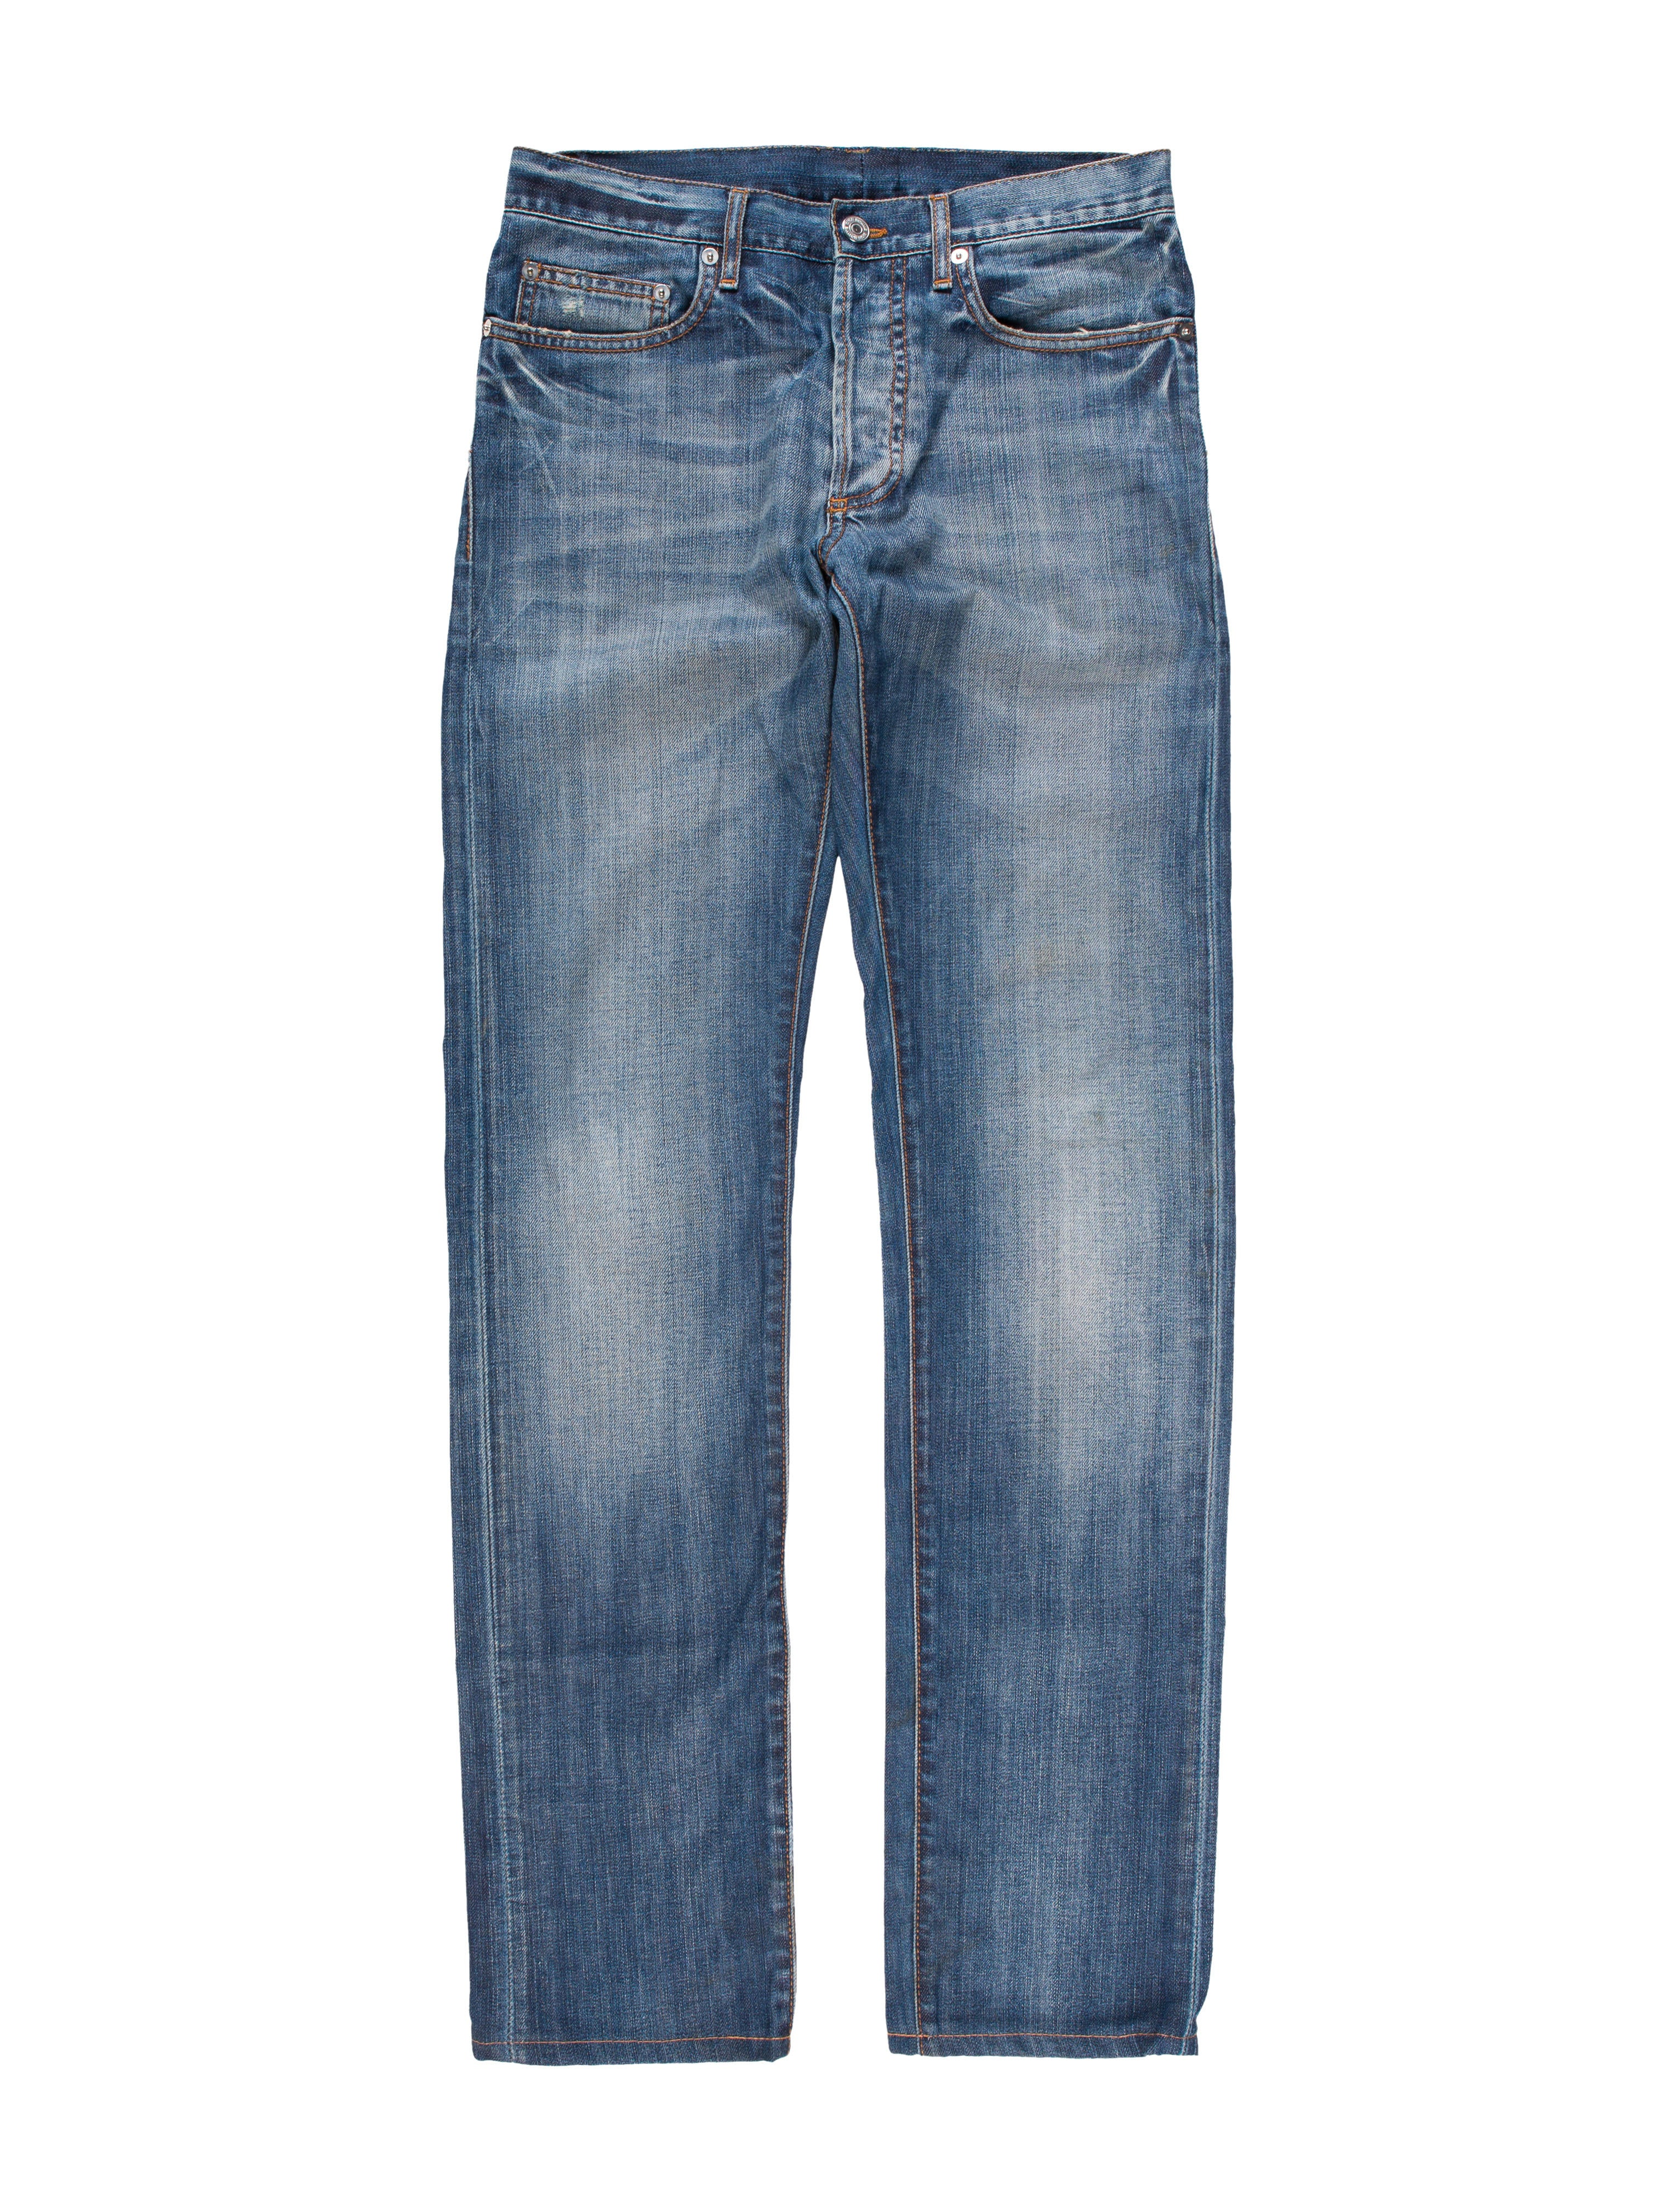 dior homme five pocket skinny jeans clothing hmm23064 the realreal. Black Bedroom Furniture Sets. Home Design Ideas